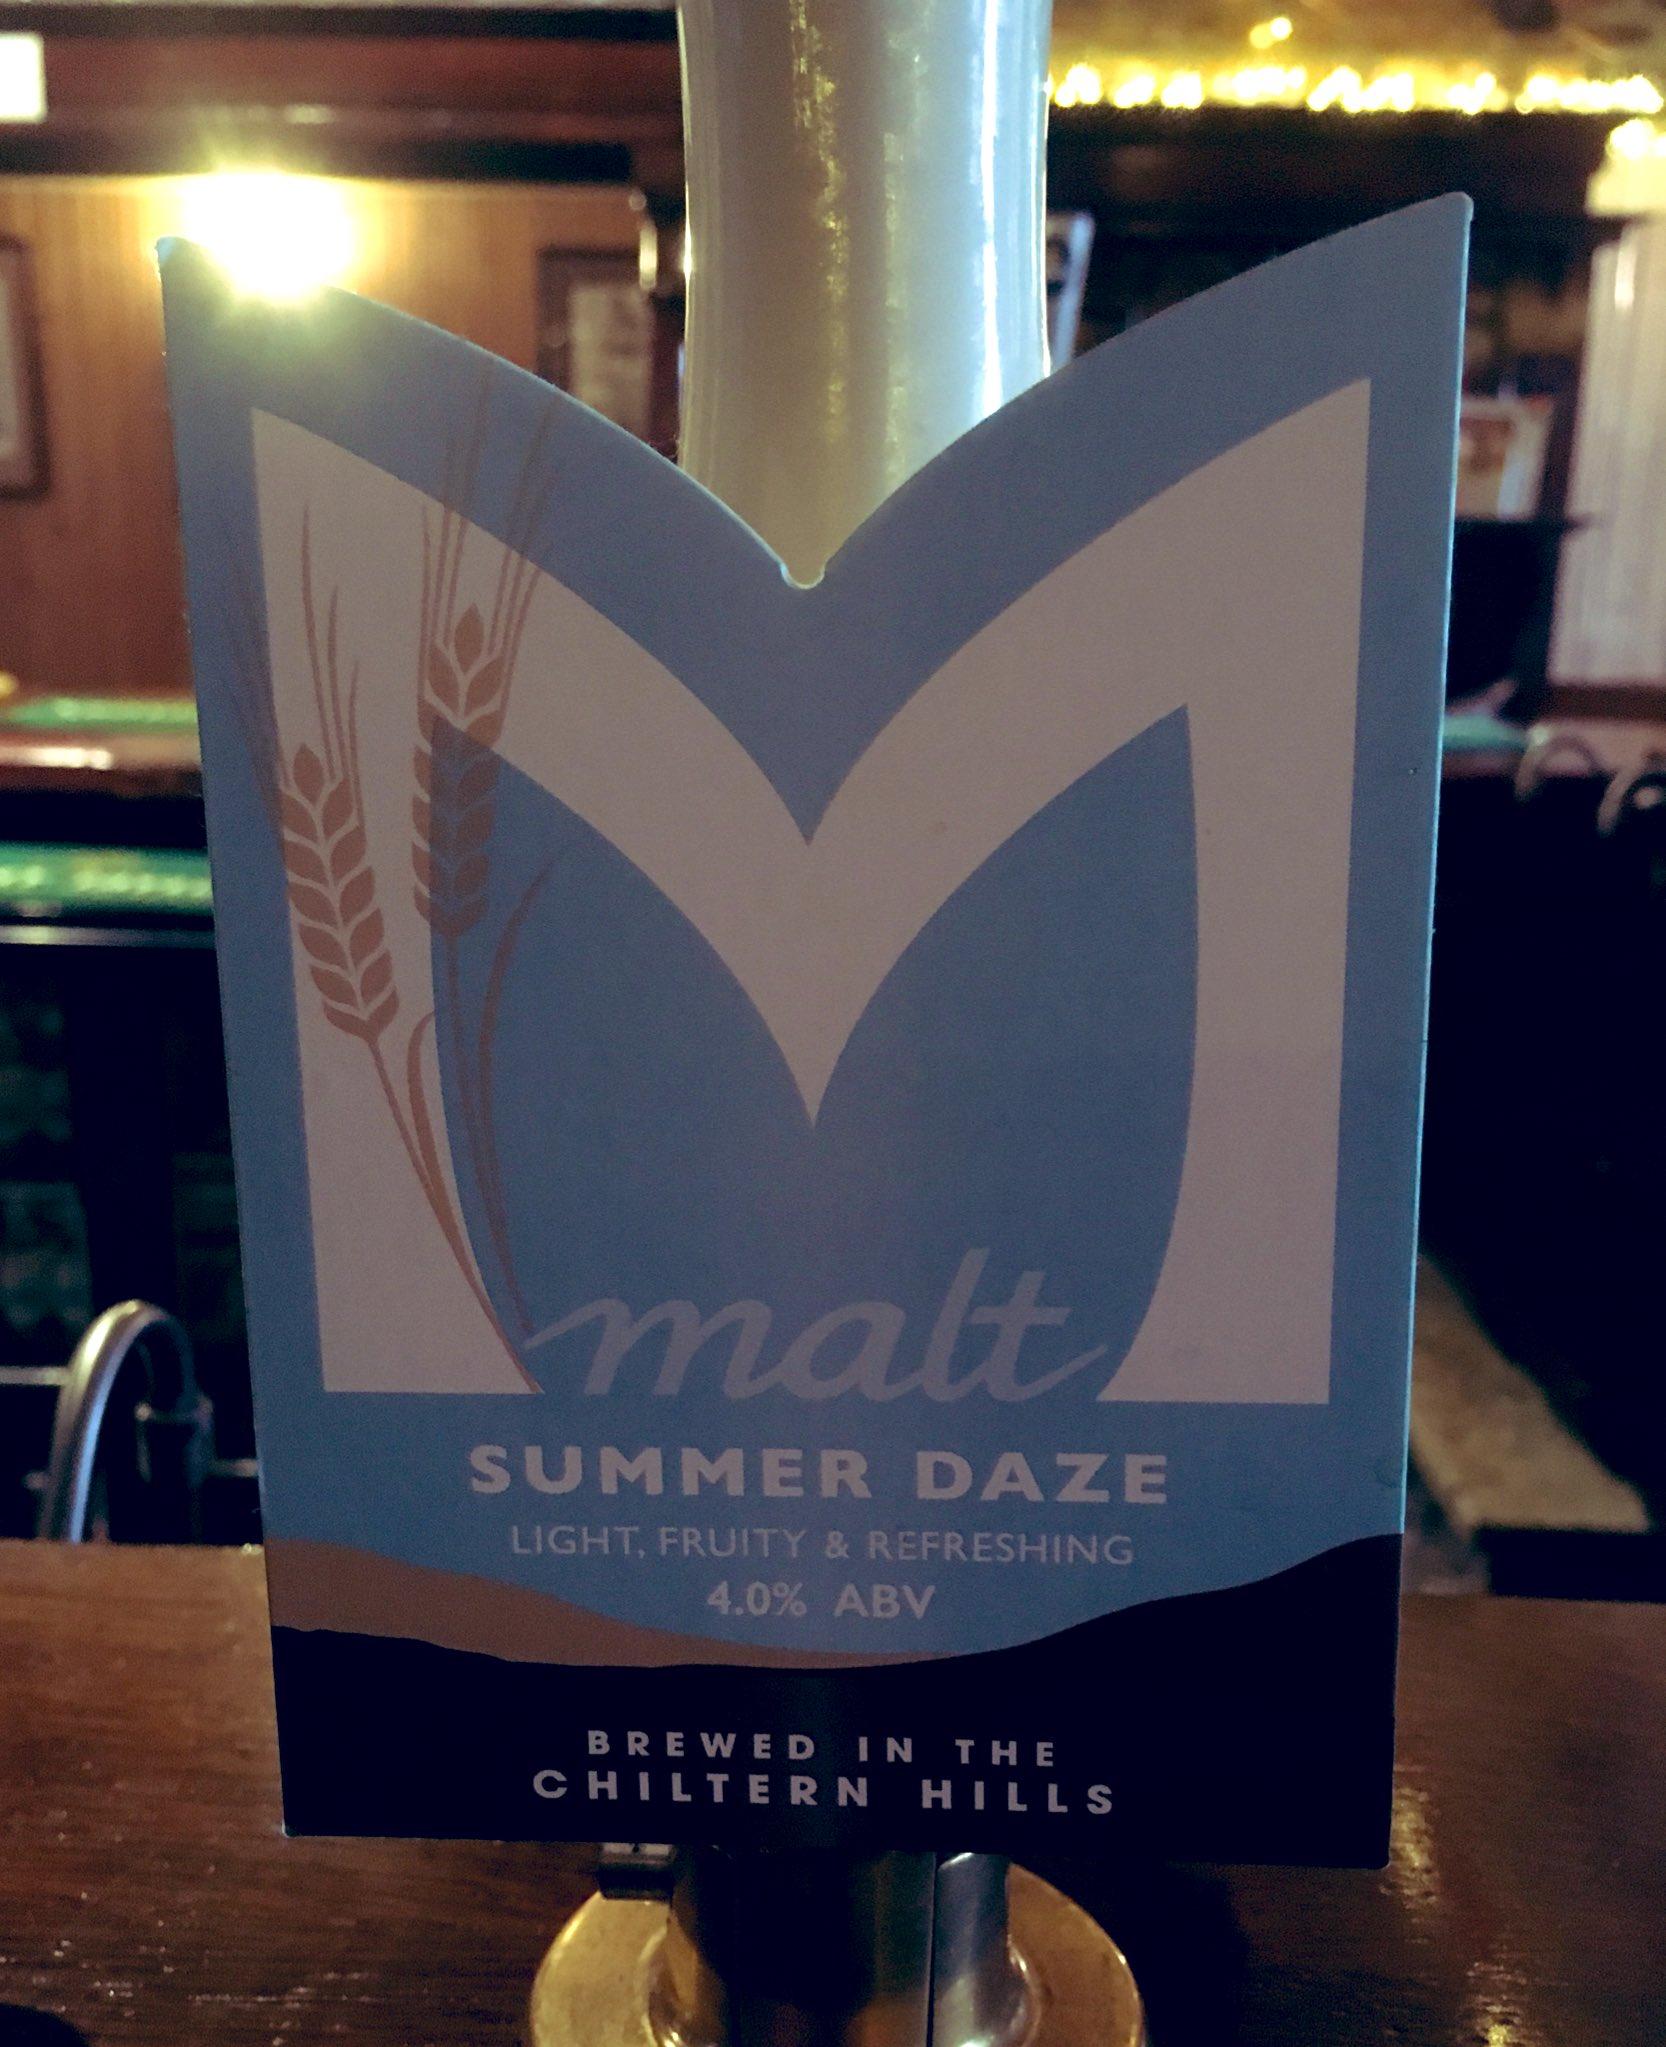 221: Summer Daze